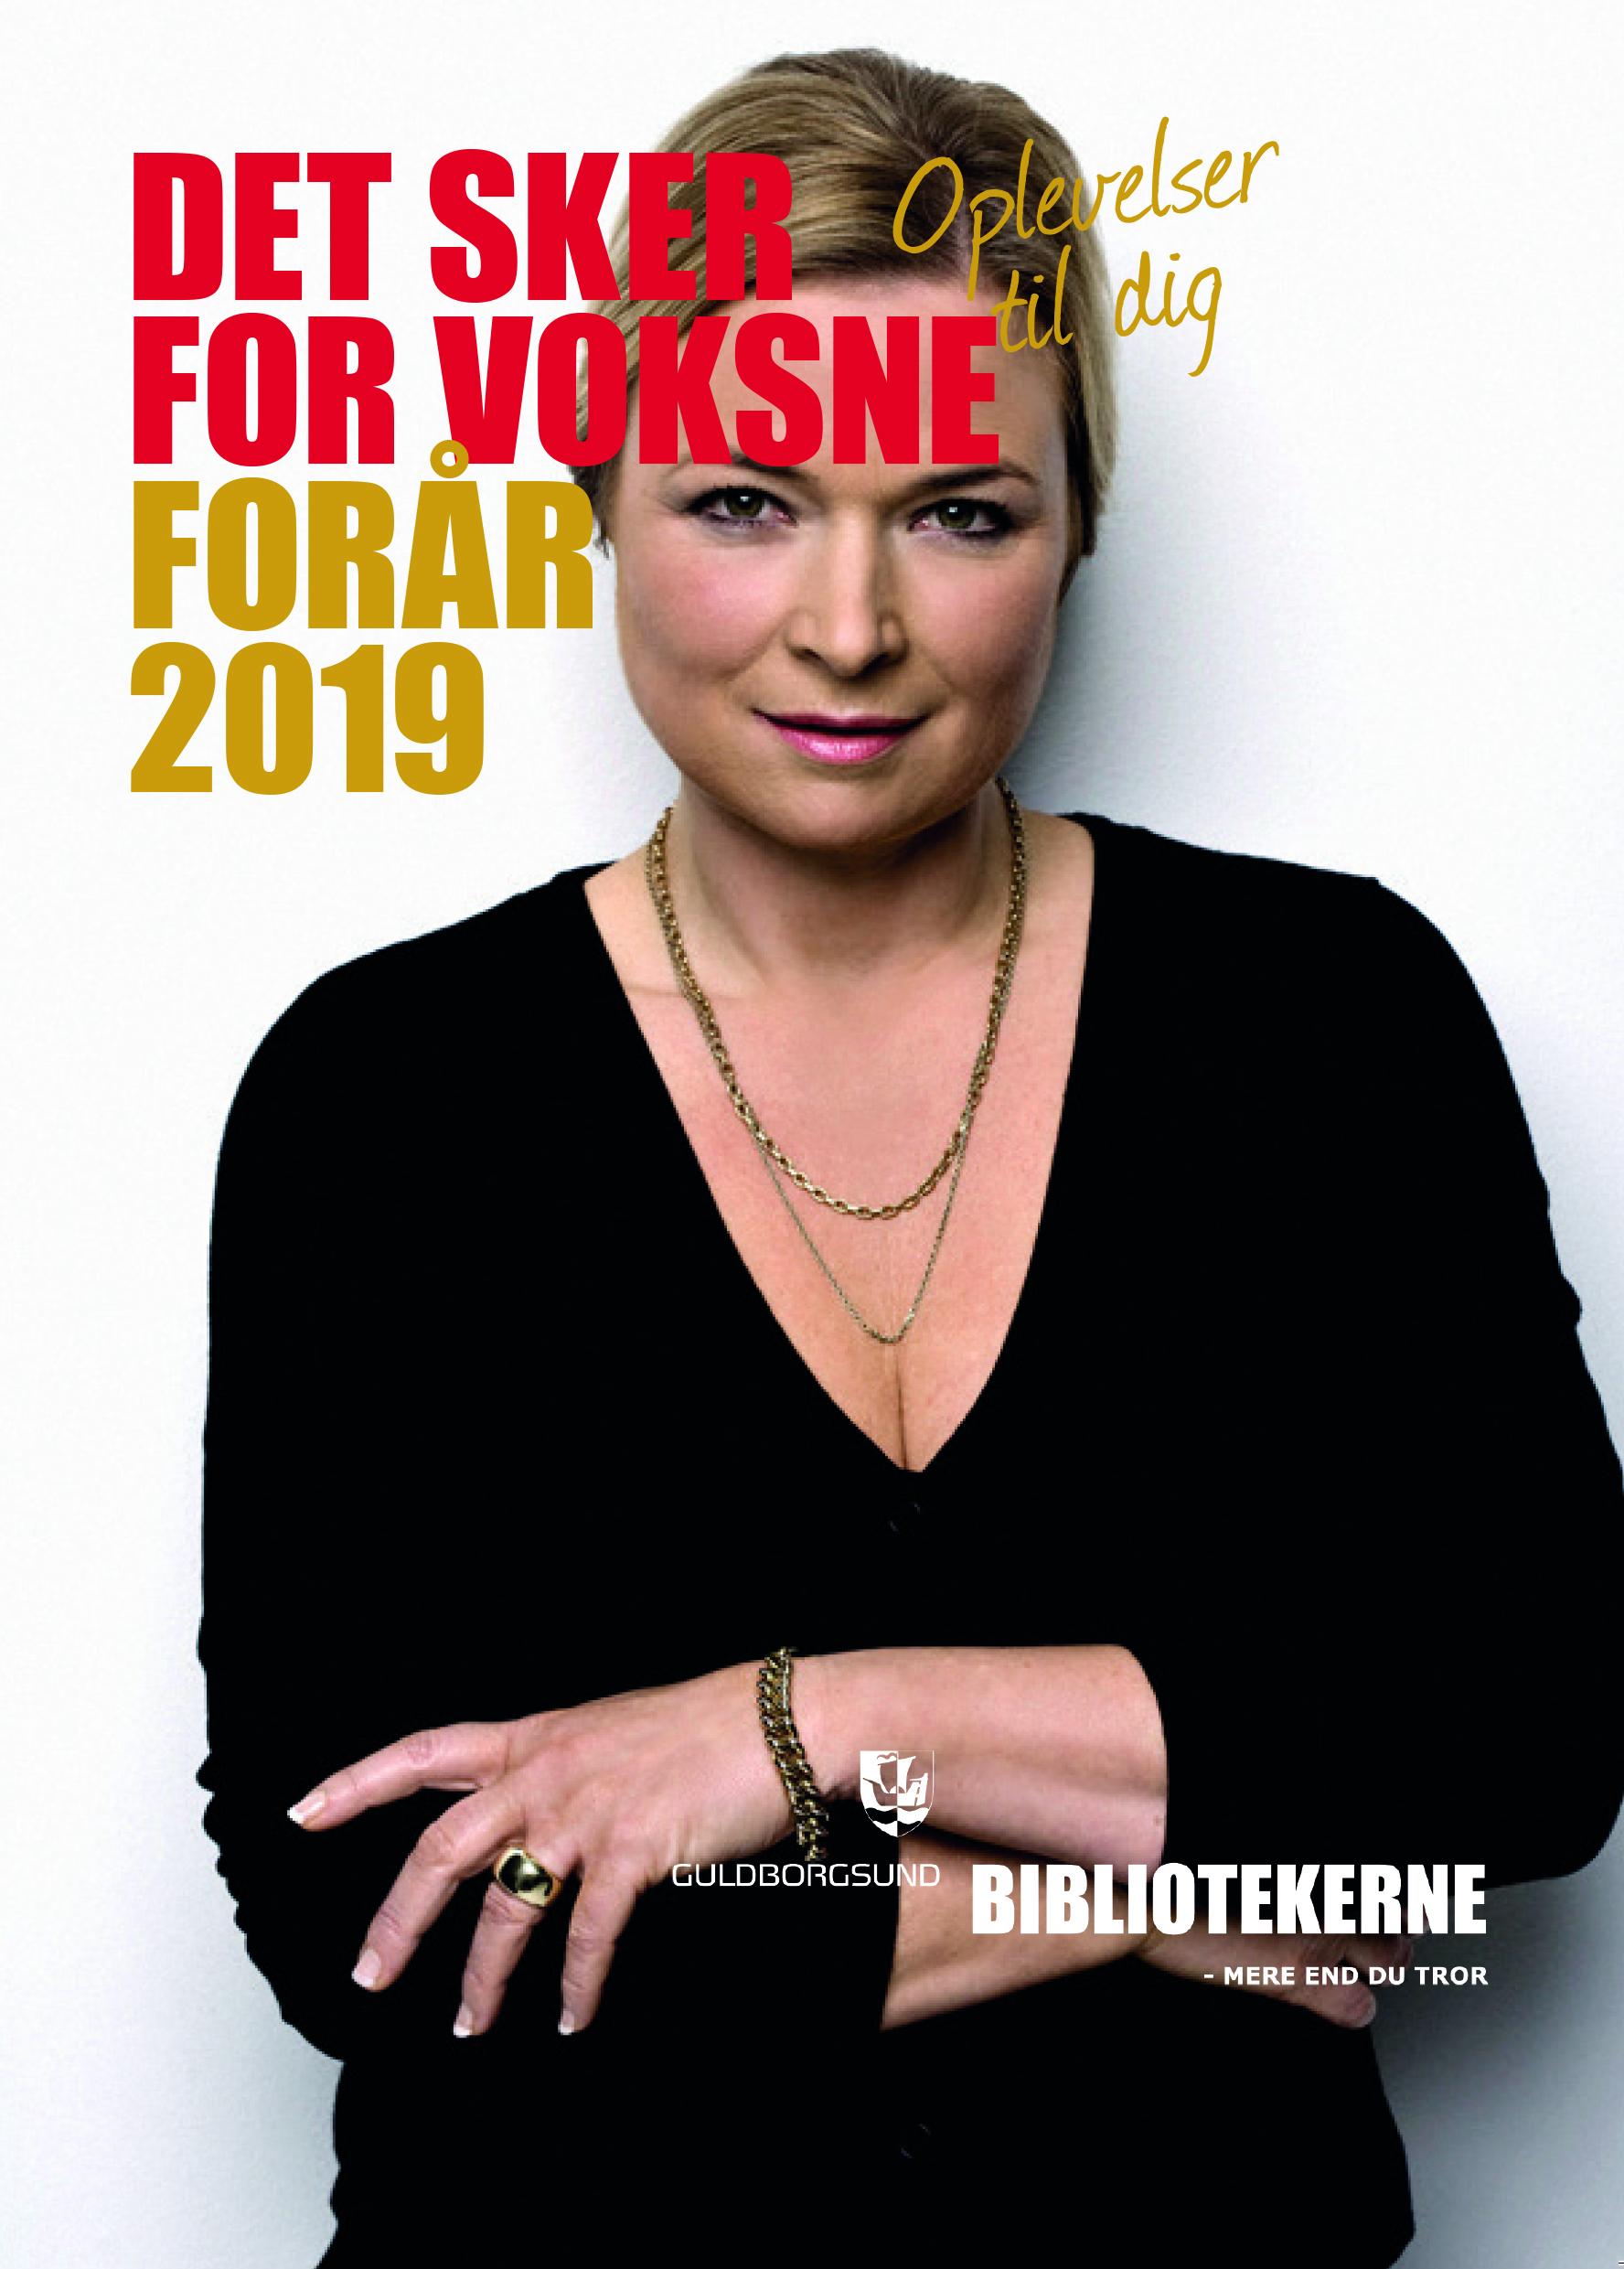 Guldborgsund-bibliotekernes unge og voksenprogram for foråret 2019